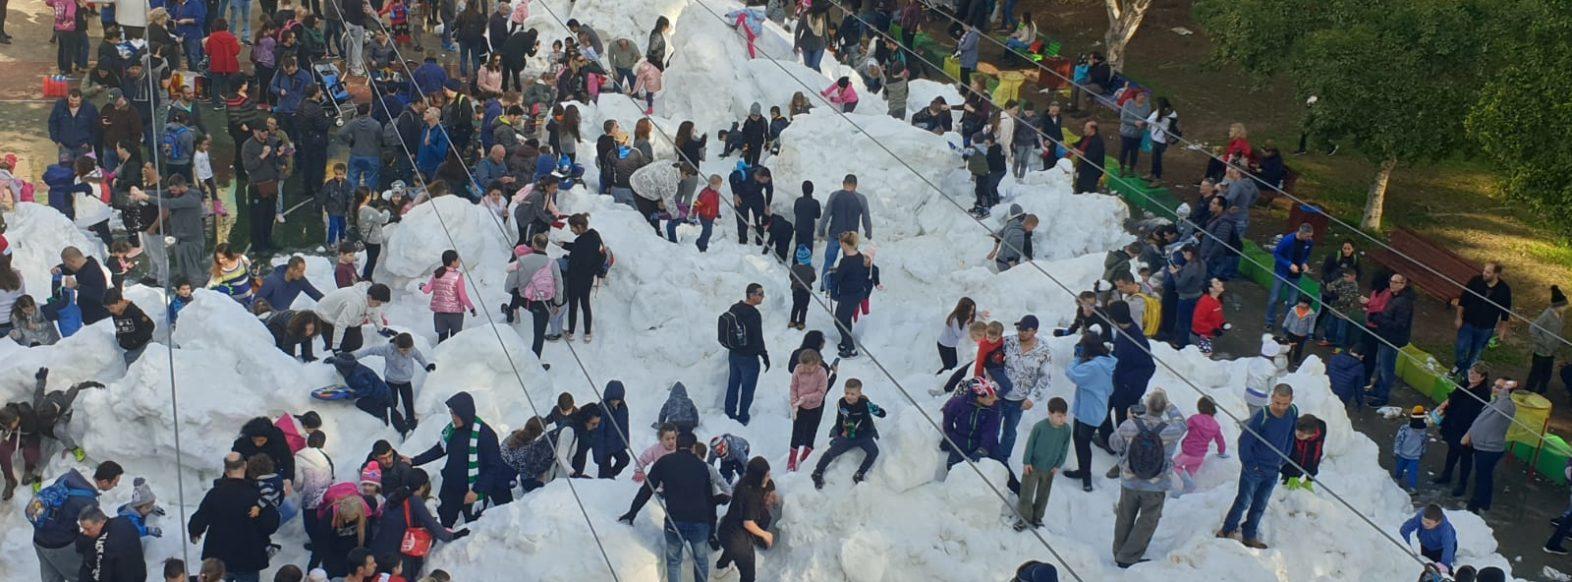 אלפי תושבי העיר נהנו משעשועי  חורף ושלג